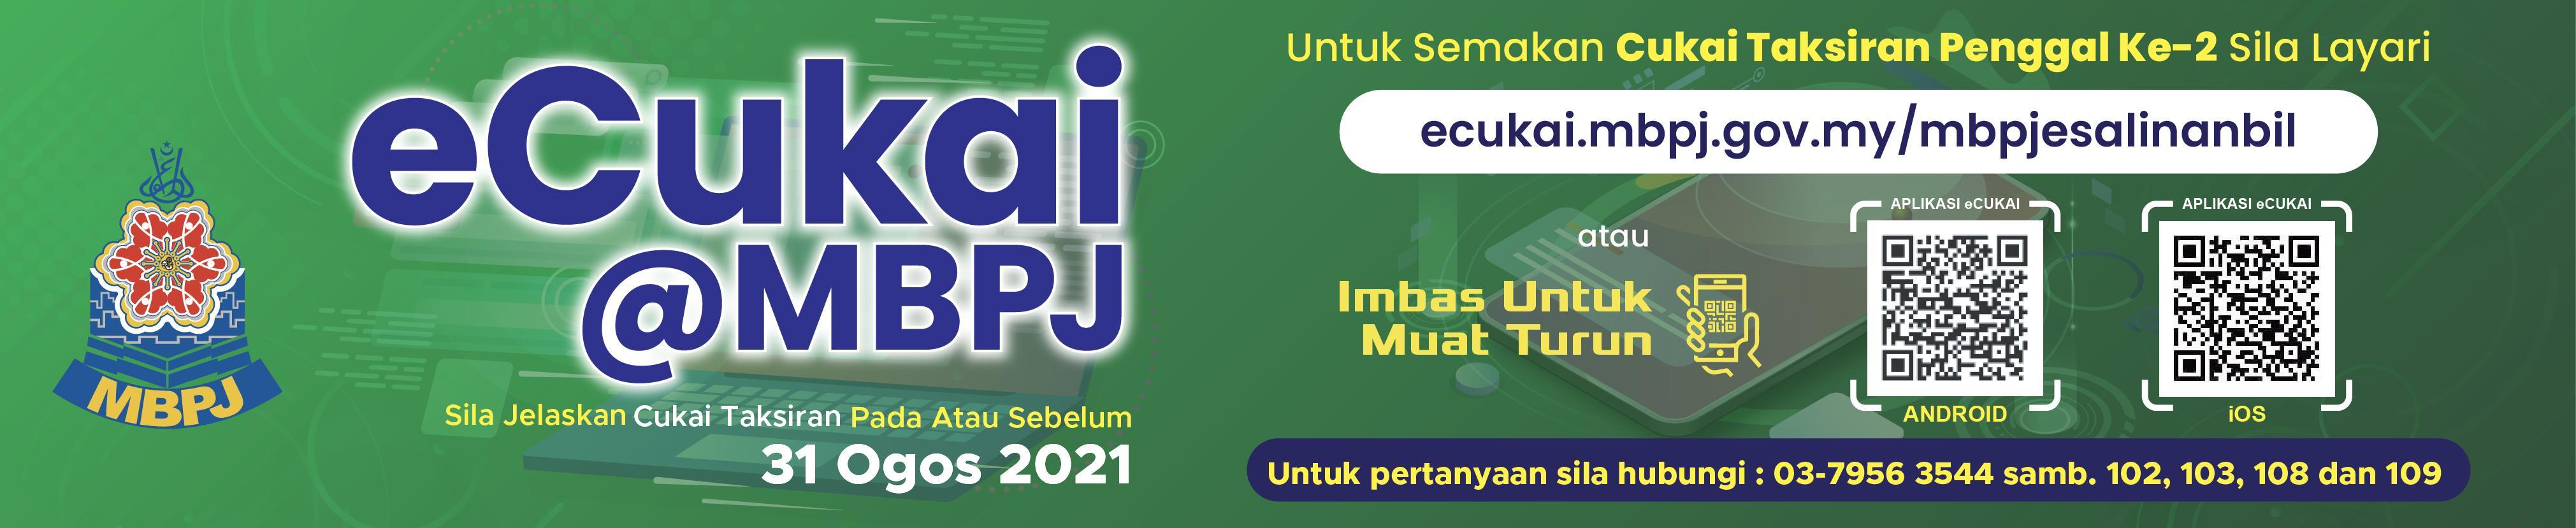 Banner eCukai 2021